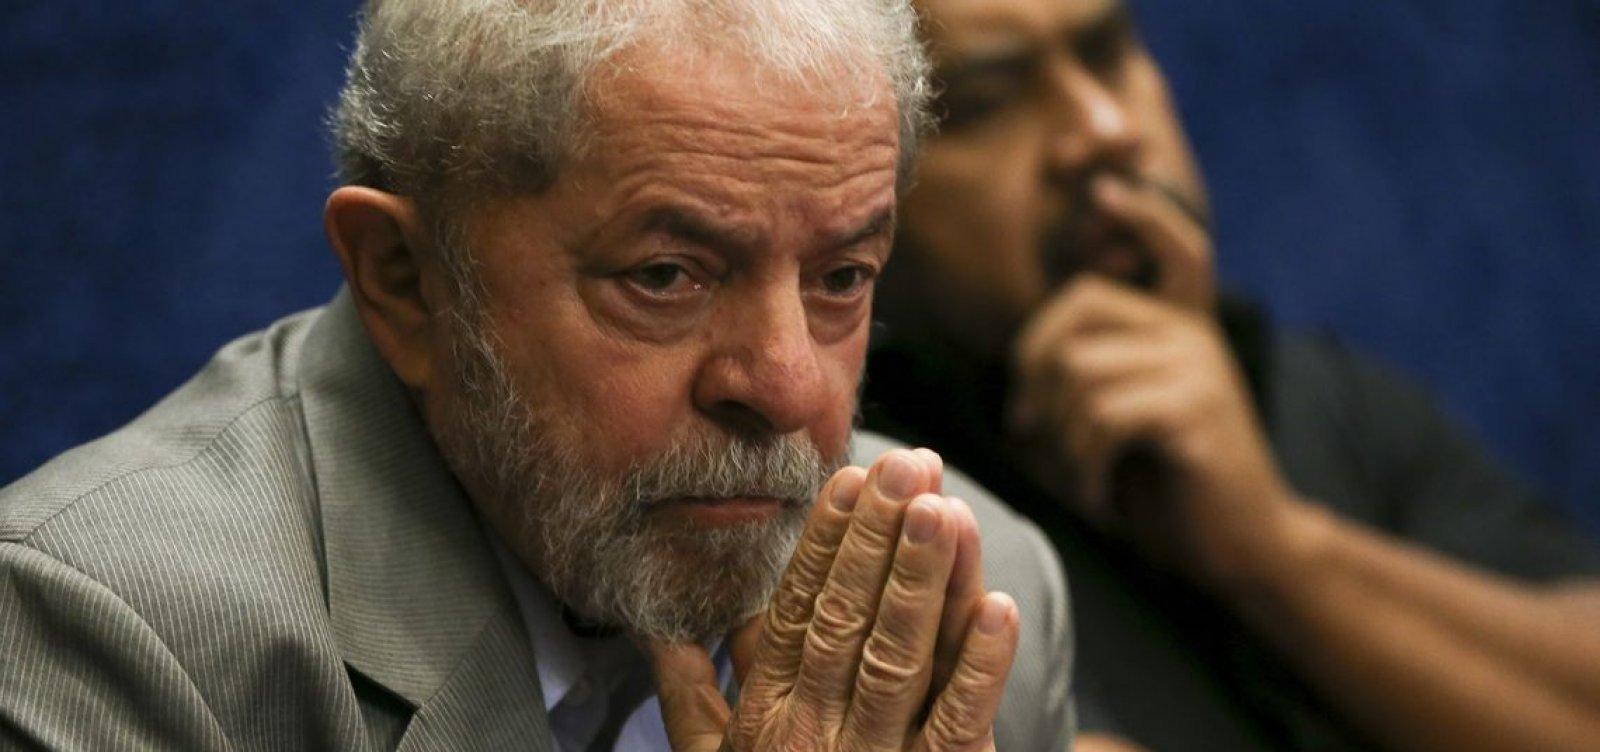 [Lula pretende pedir progressão de regime e passar para o semiaberto ]